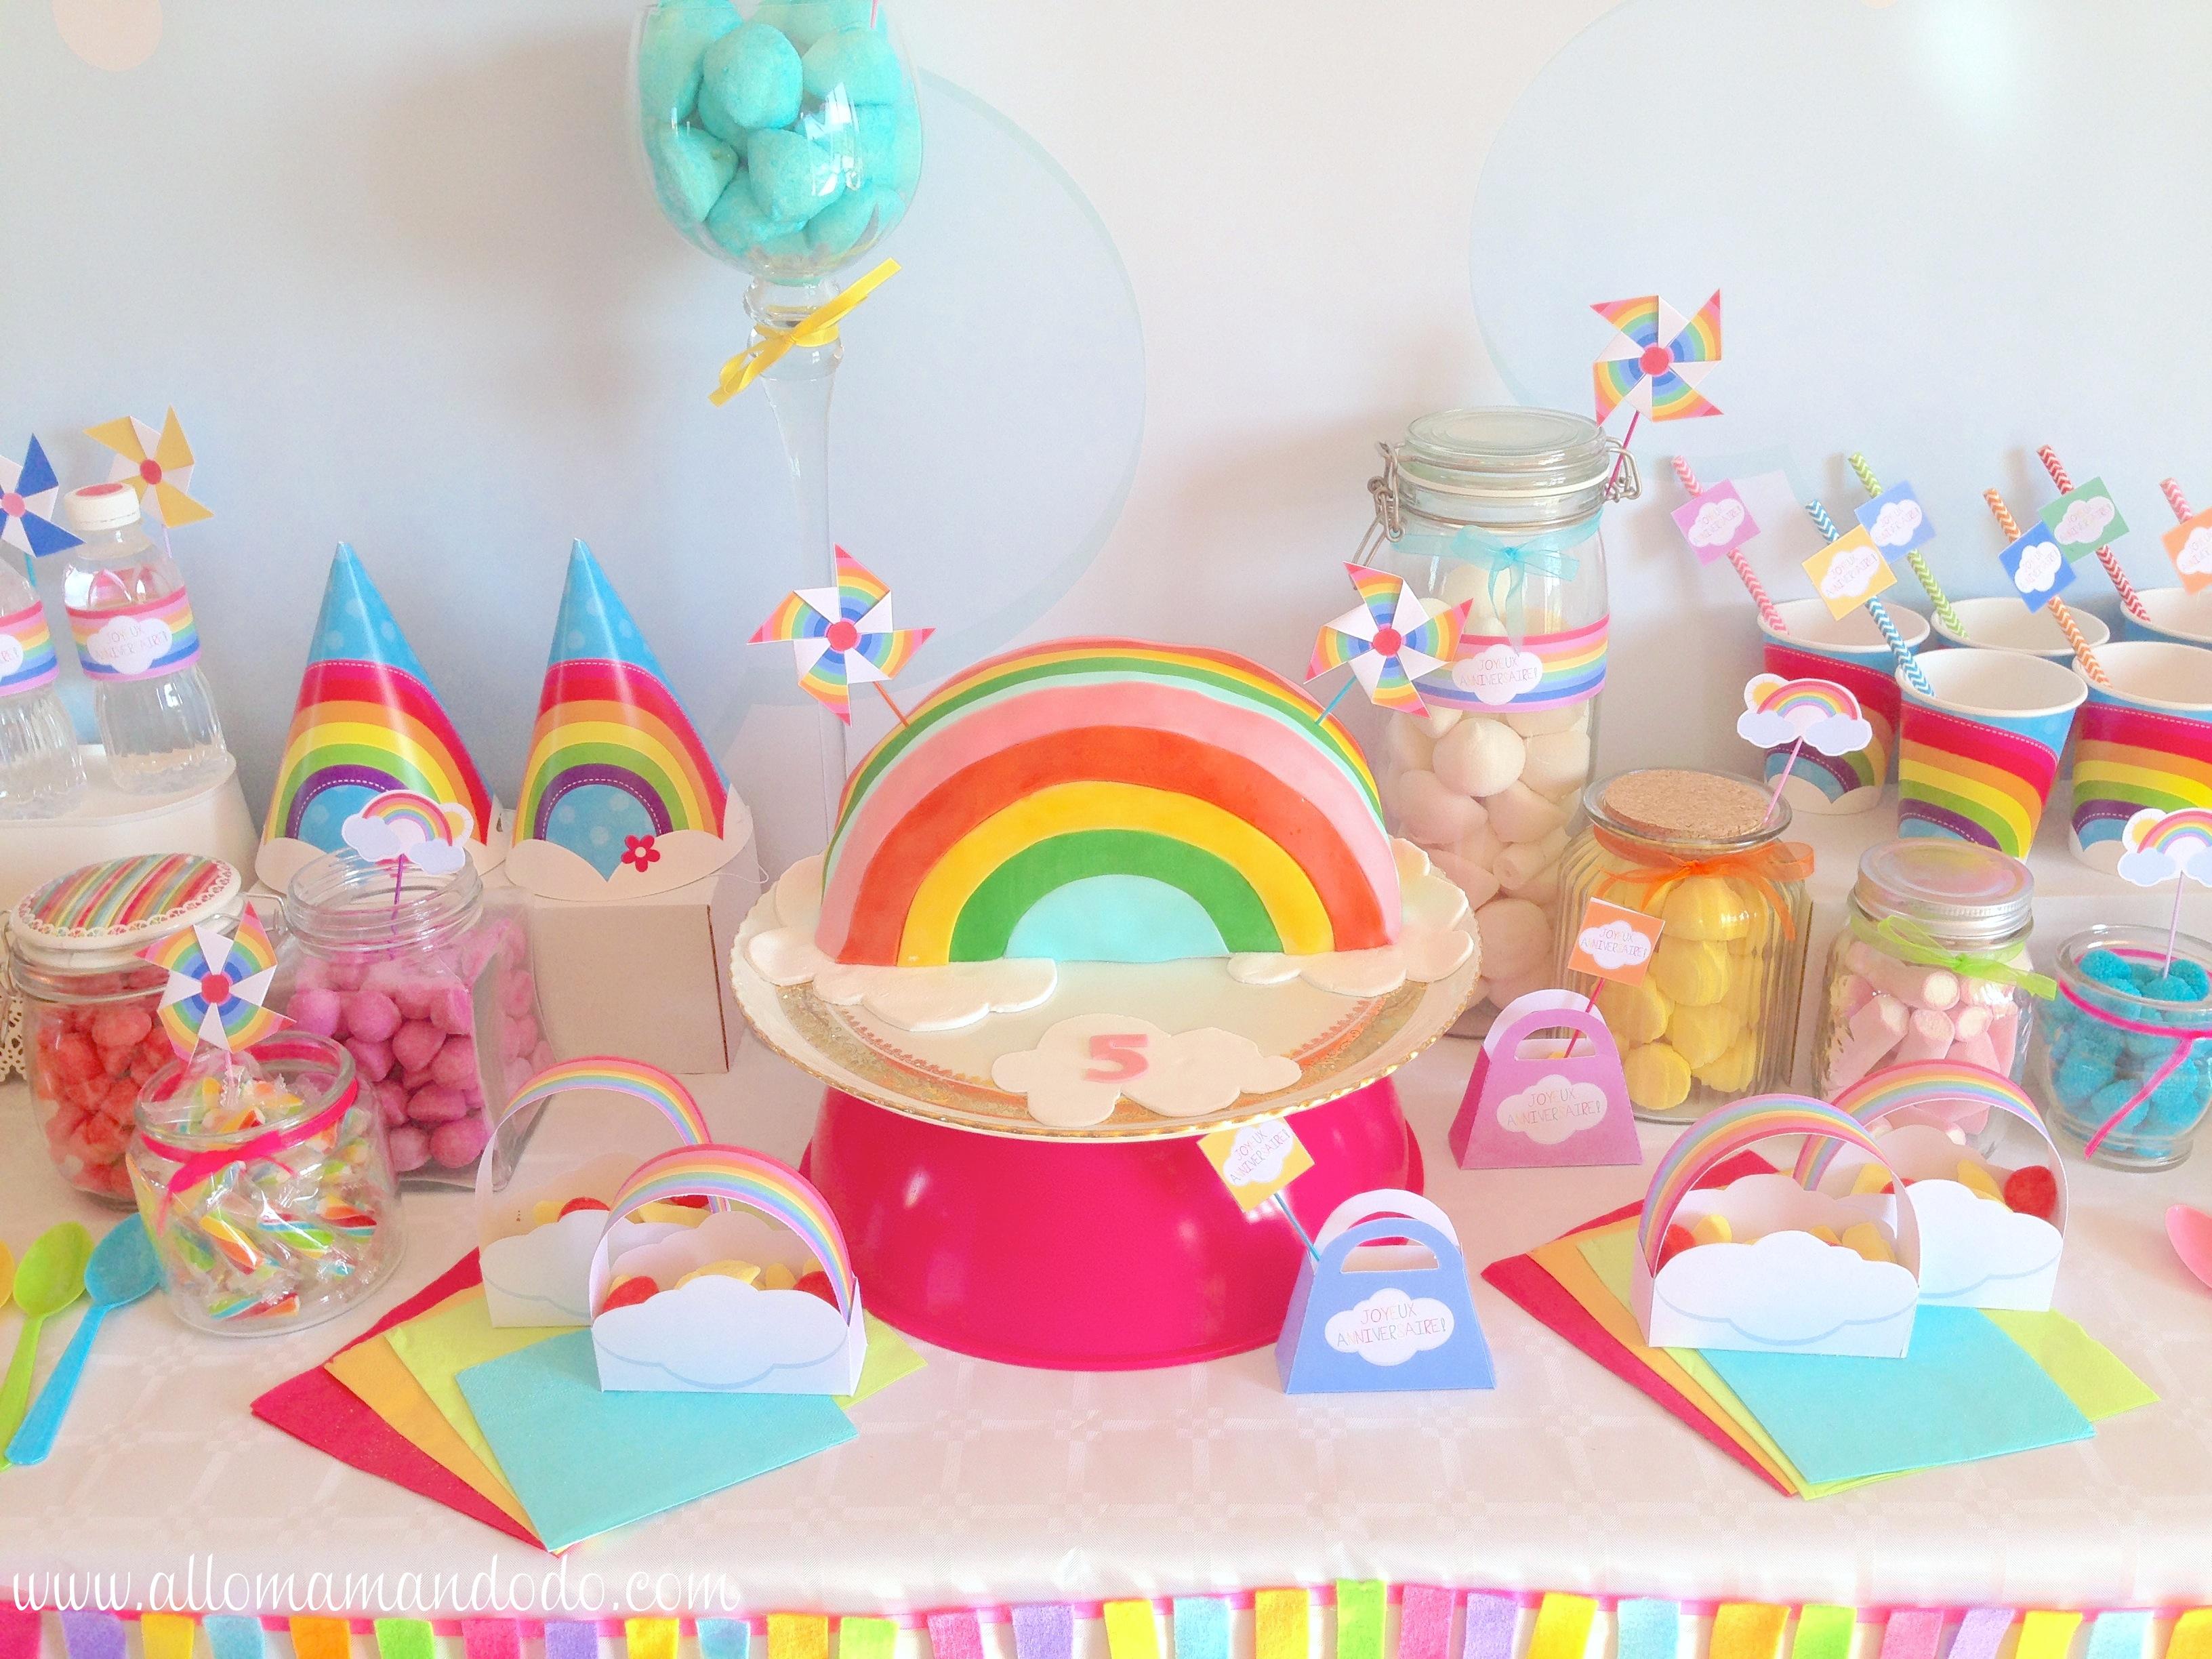 La sweet table d co d 39 anniversaire arc en ciel les photos - Table d anniversaire 1 an ...